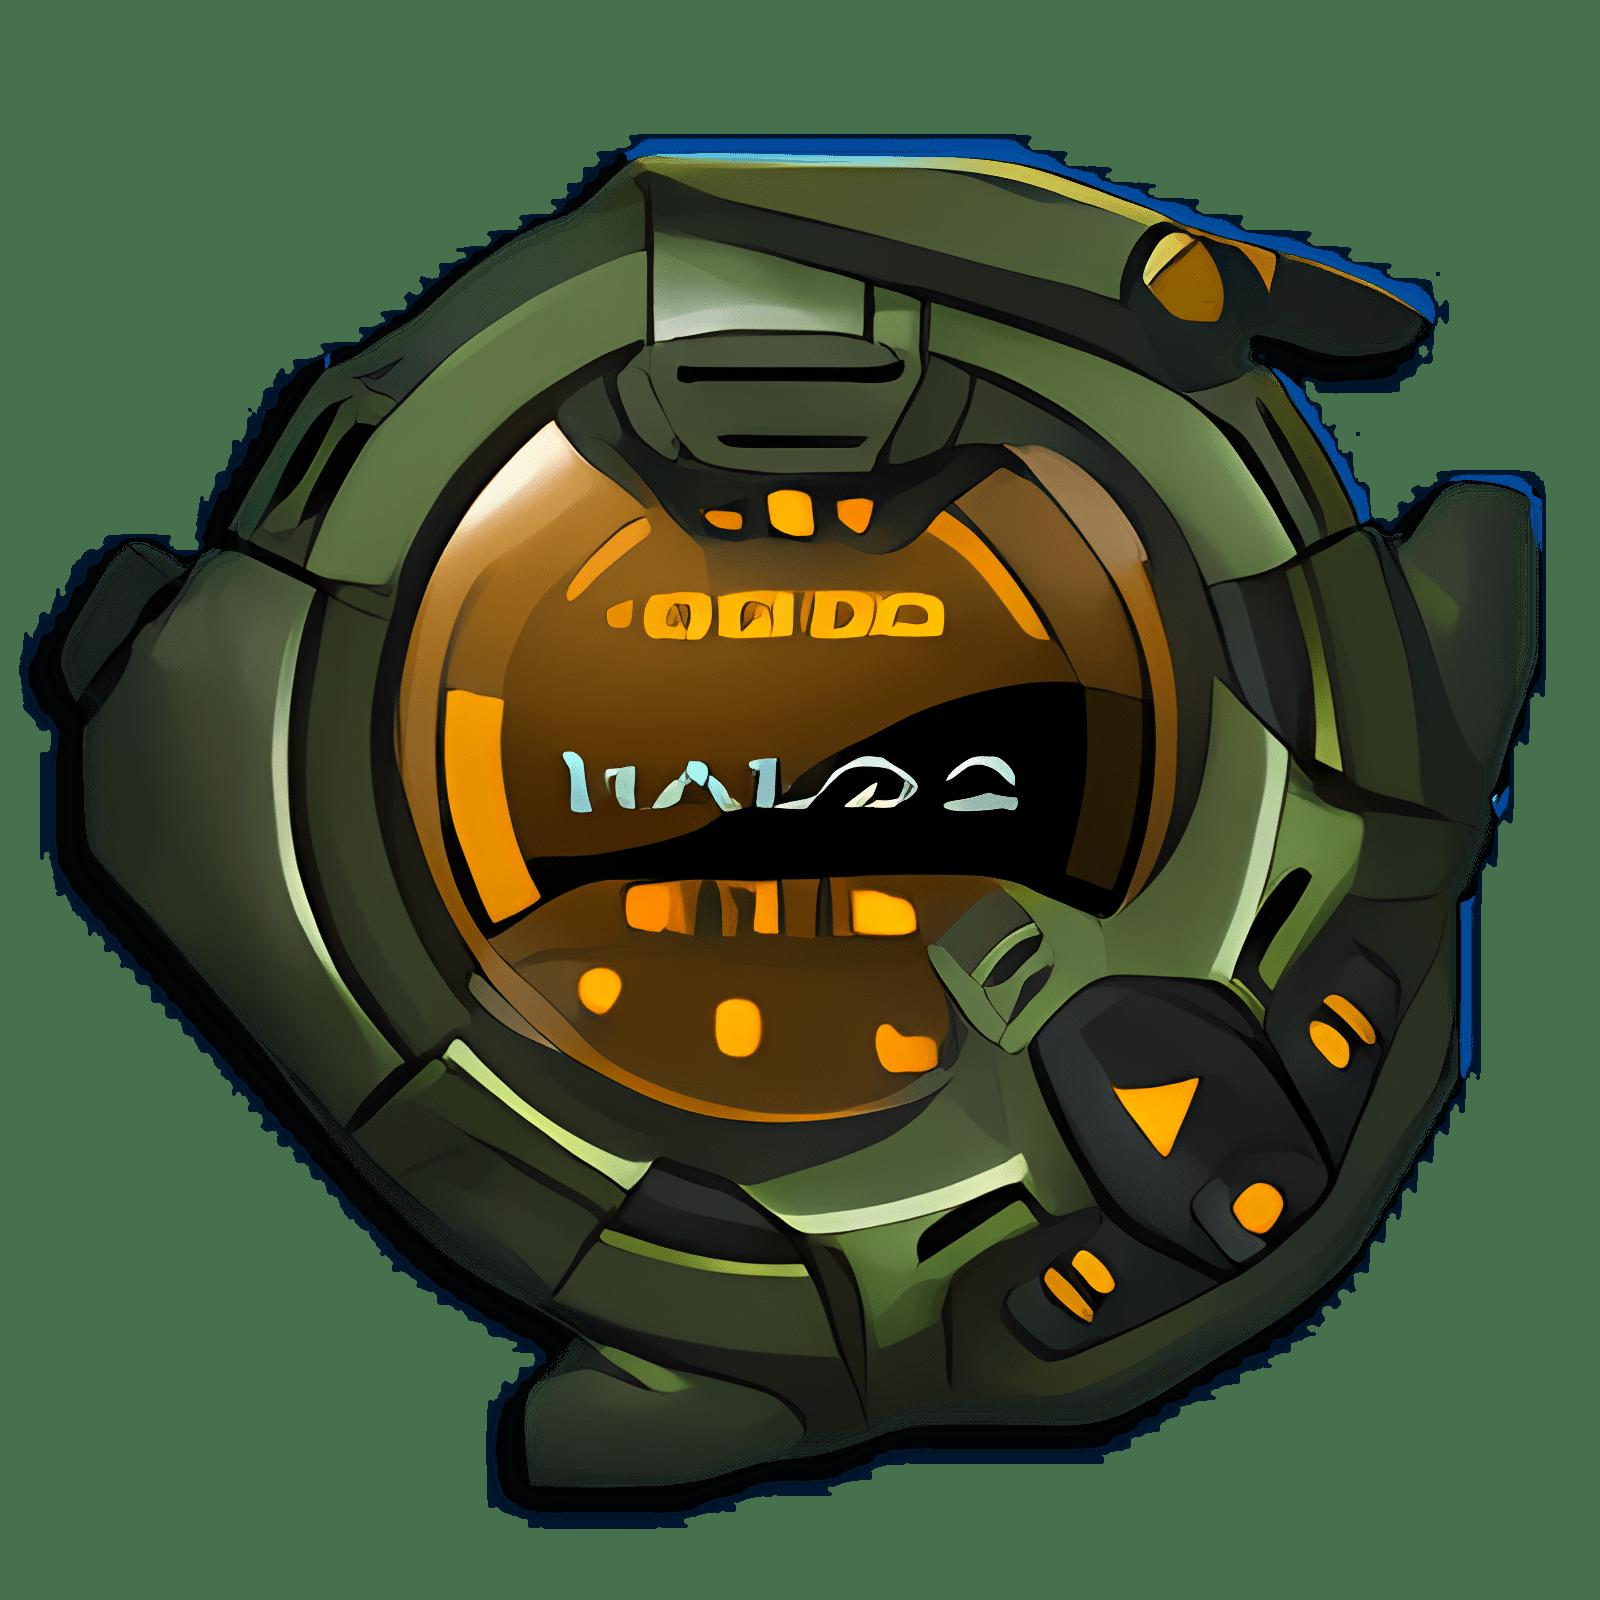 Halo 2 Skin